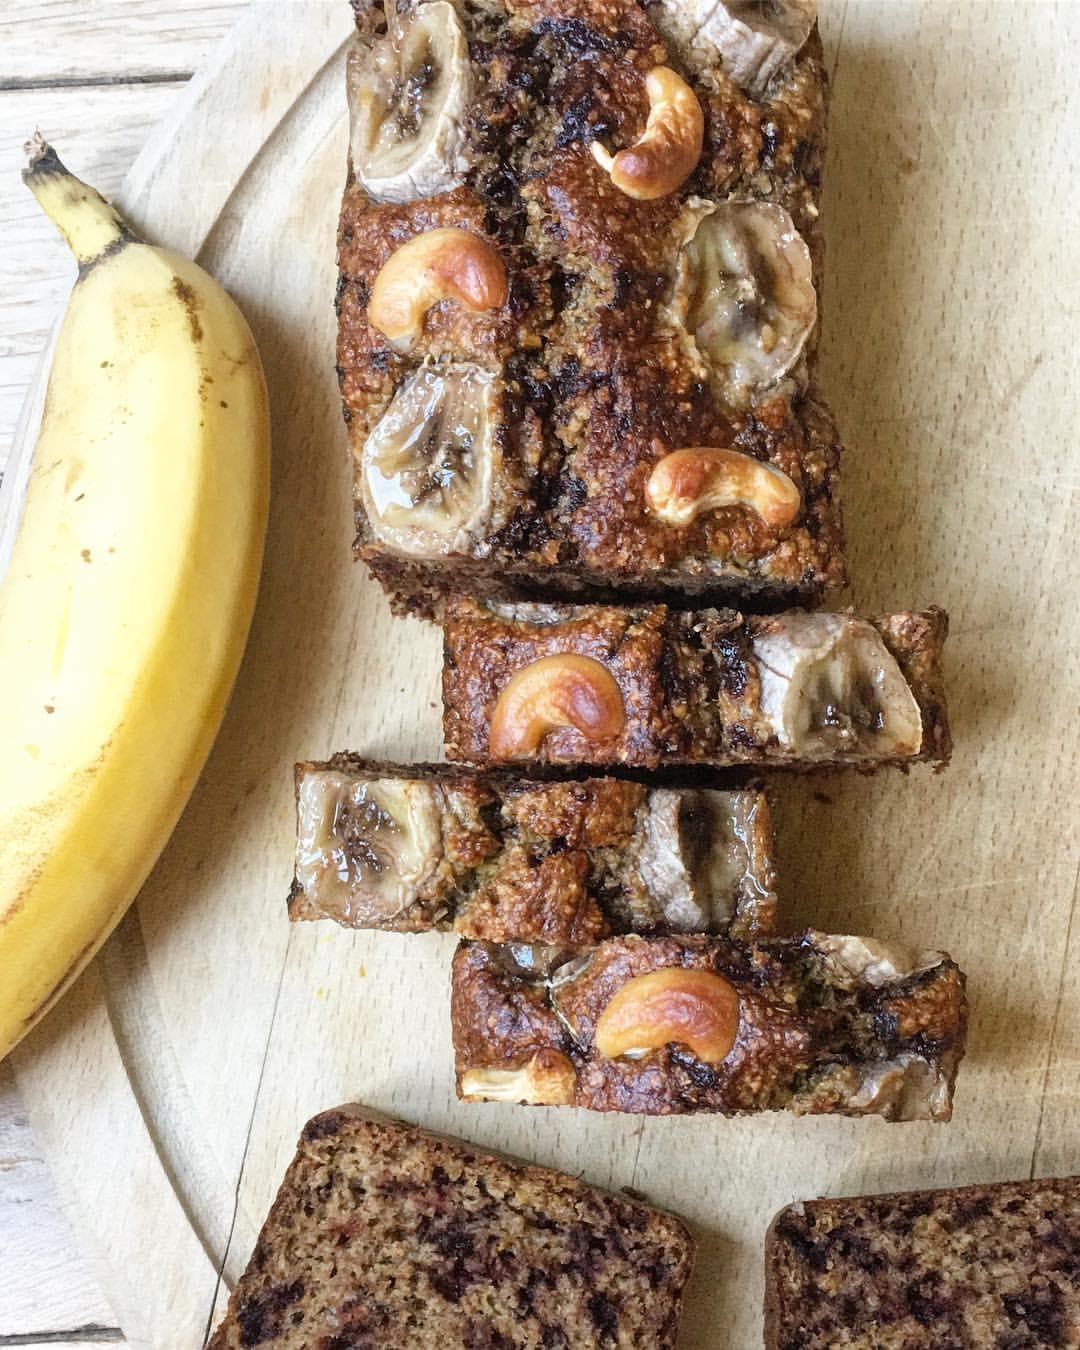 Recette de Banana Bread rapide